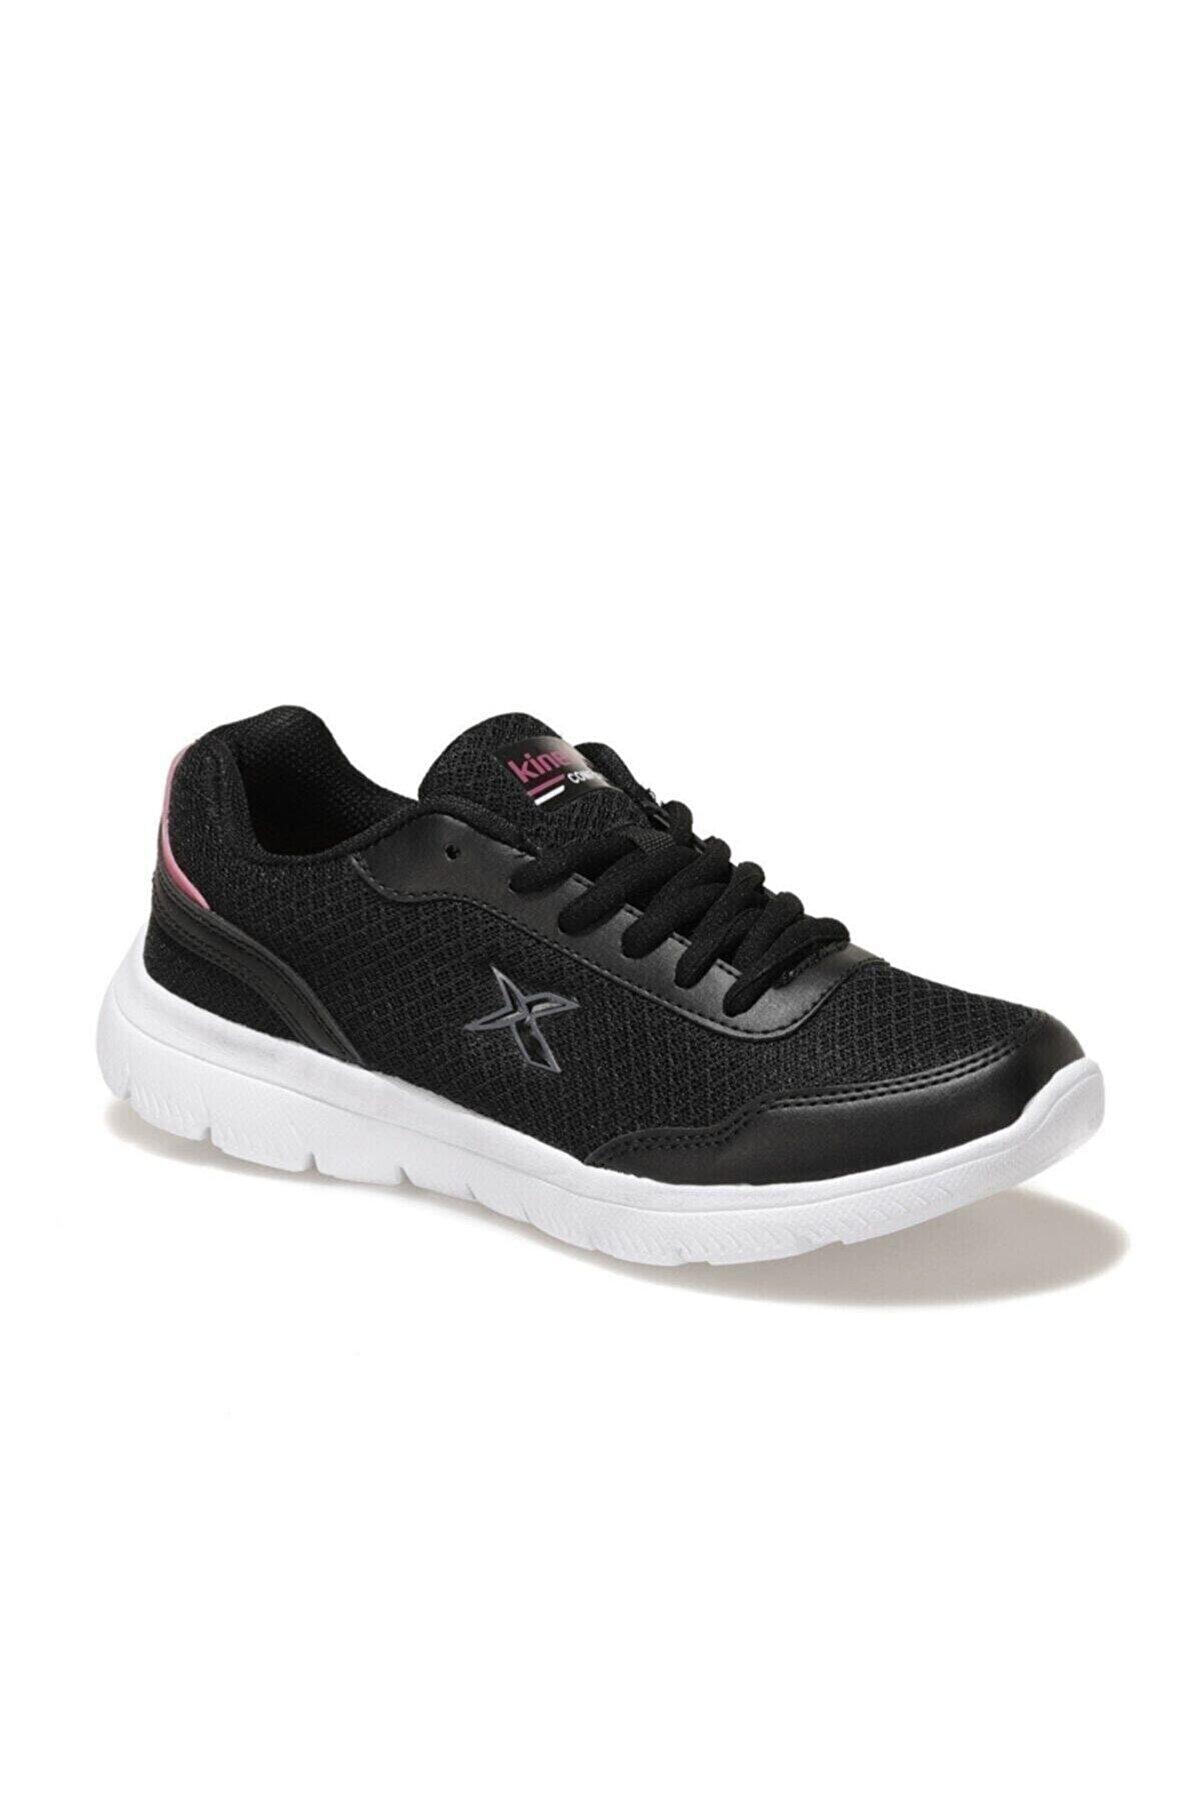 Kinetix NIGEL W 1FX Siyah Kadın Comfort Ayakkabı 100603380